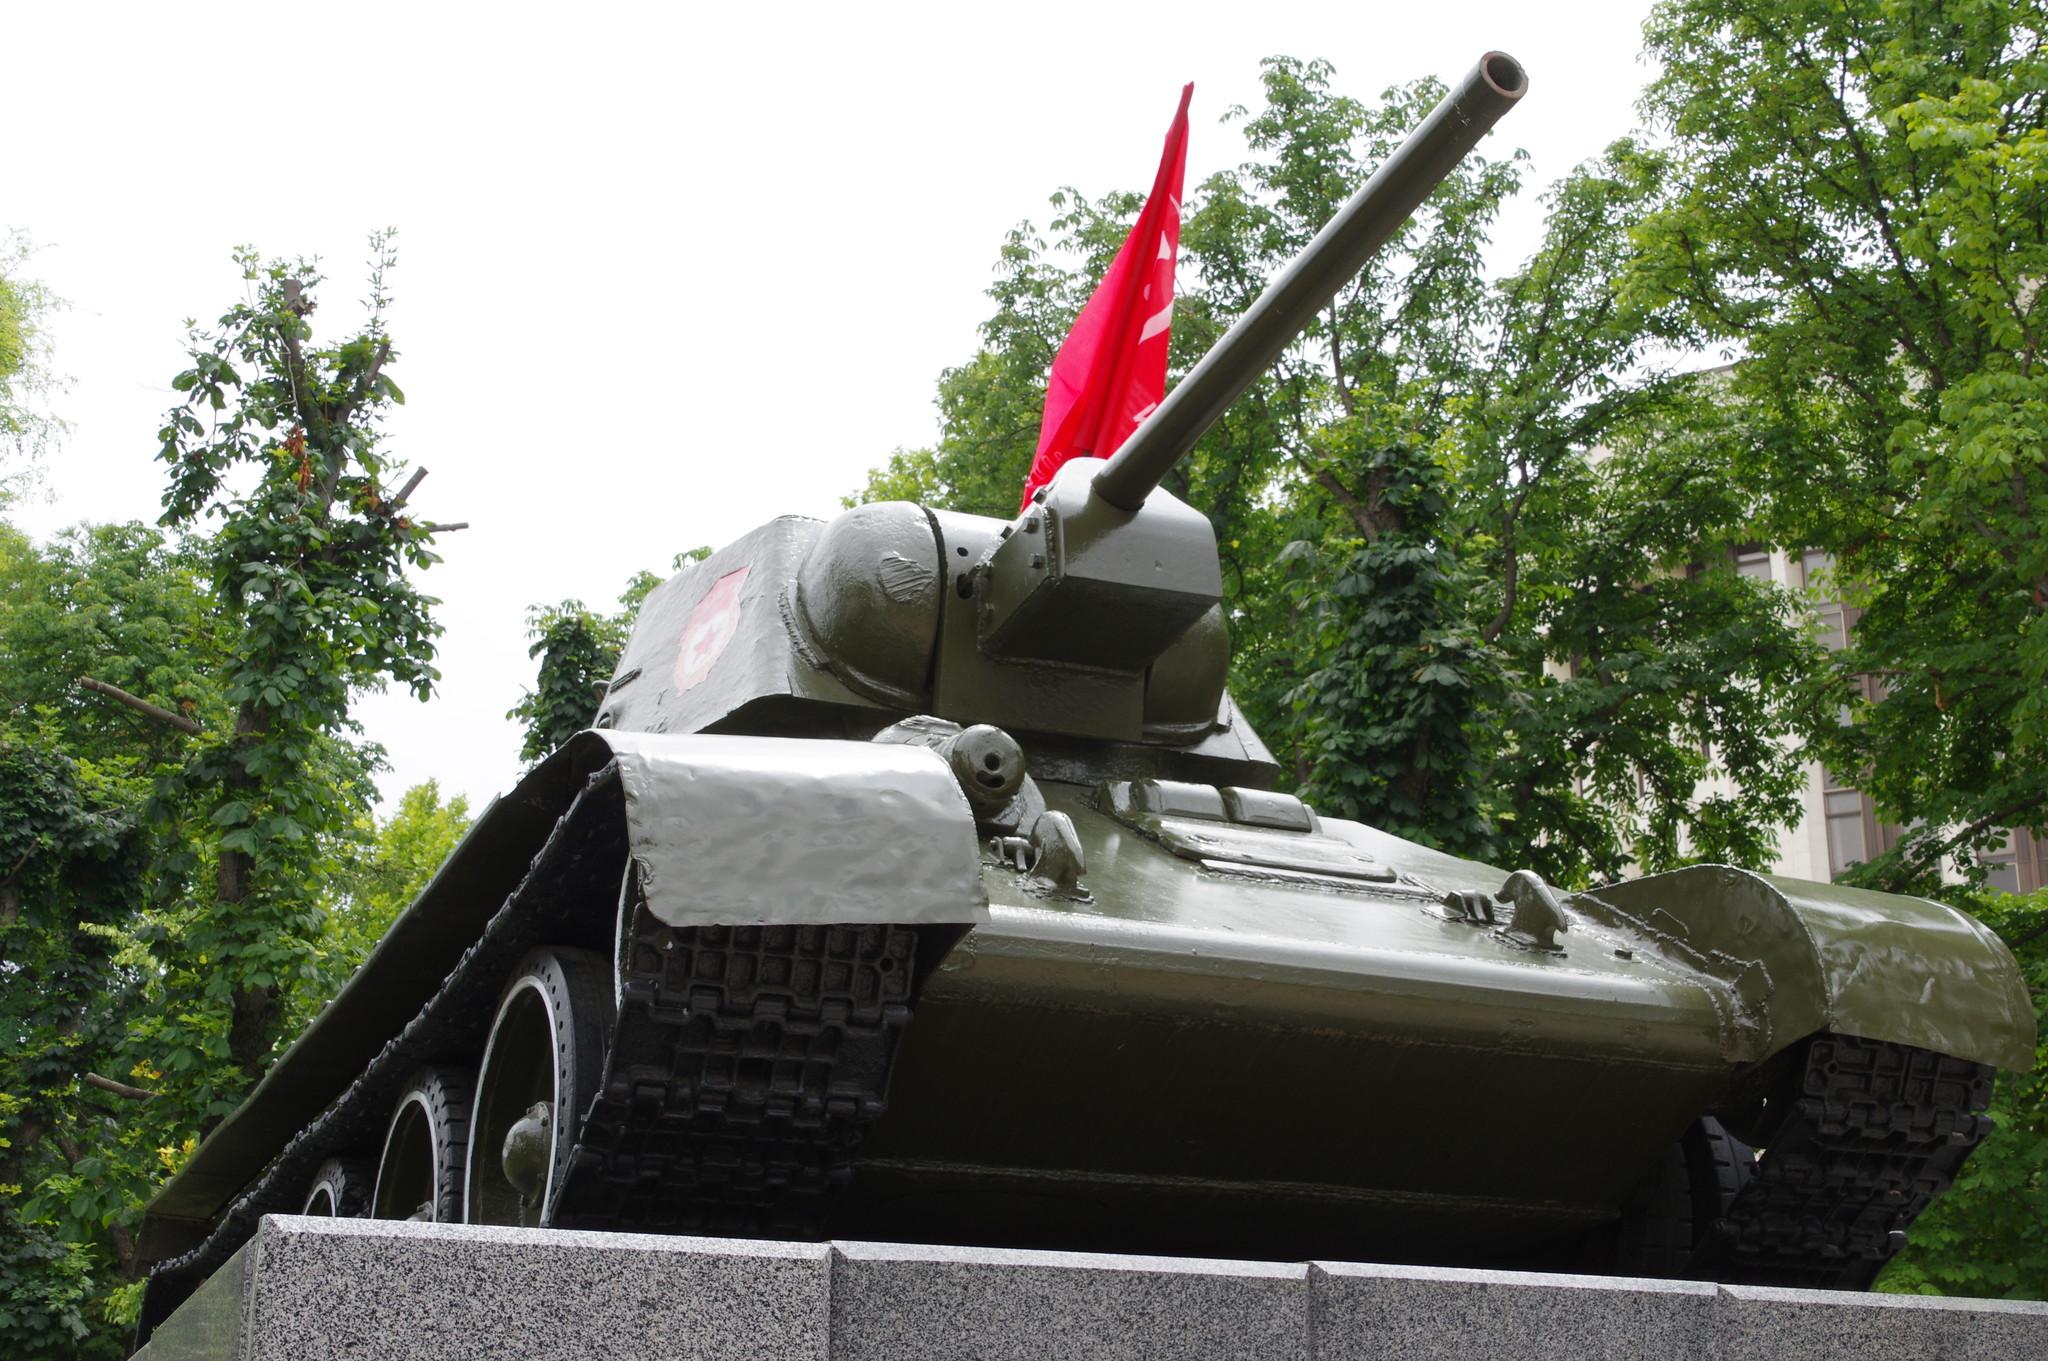 анк ОТ-34 с бортовым номером 201 в Сквере Победы города Симферополь